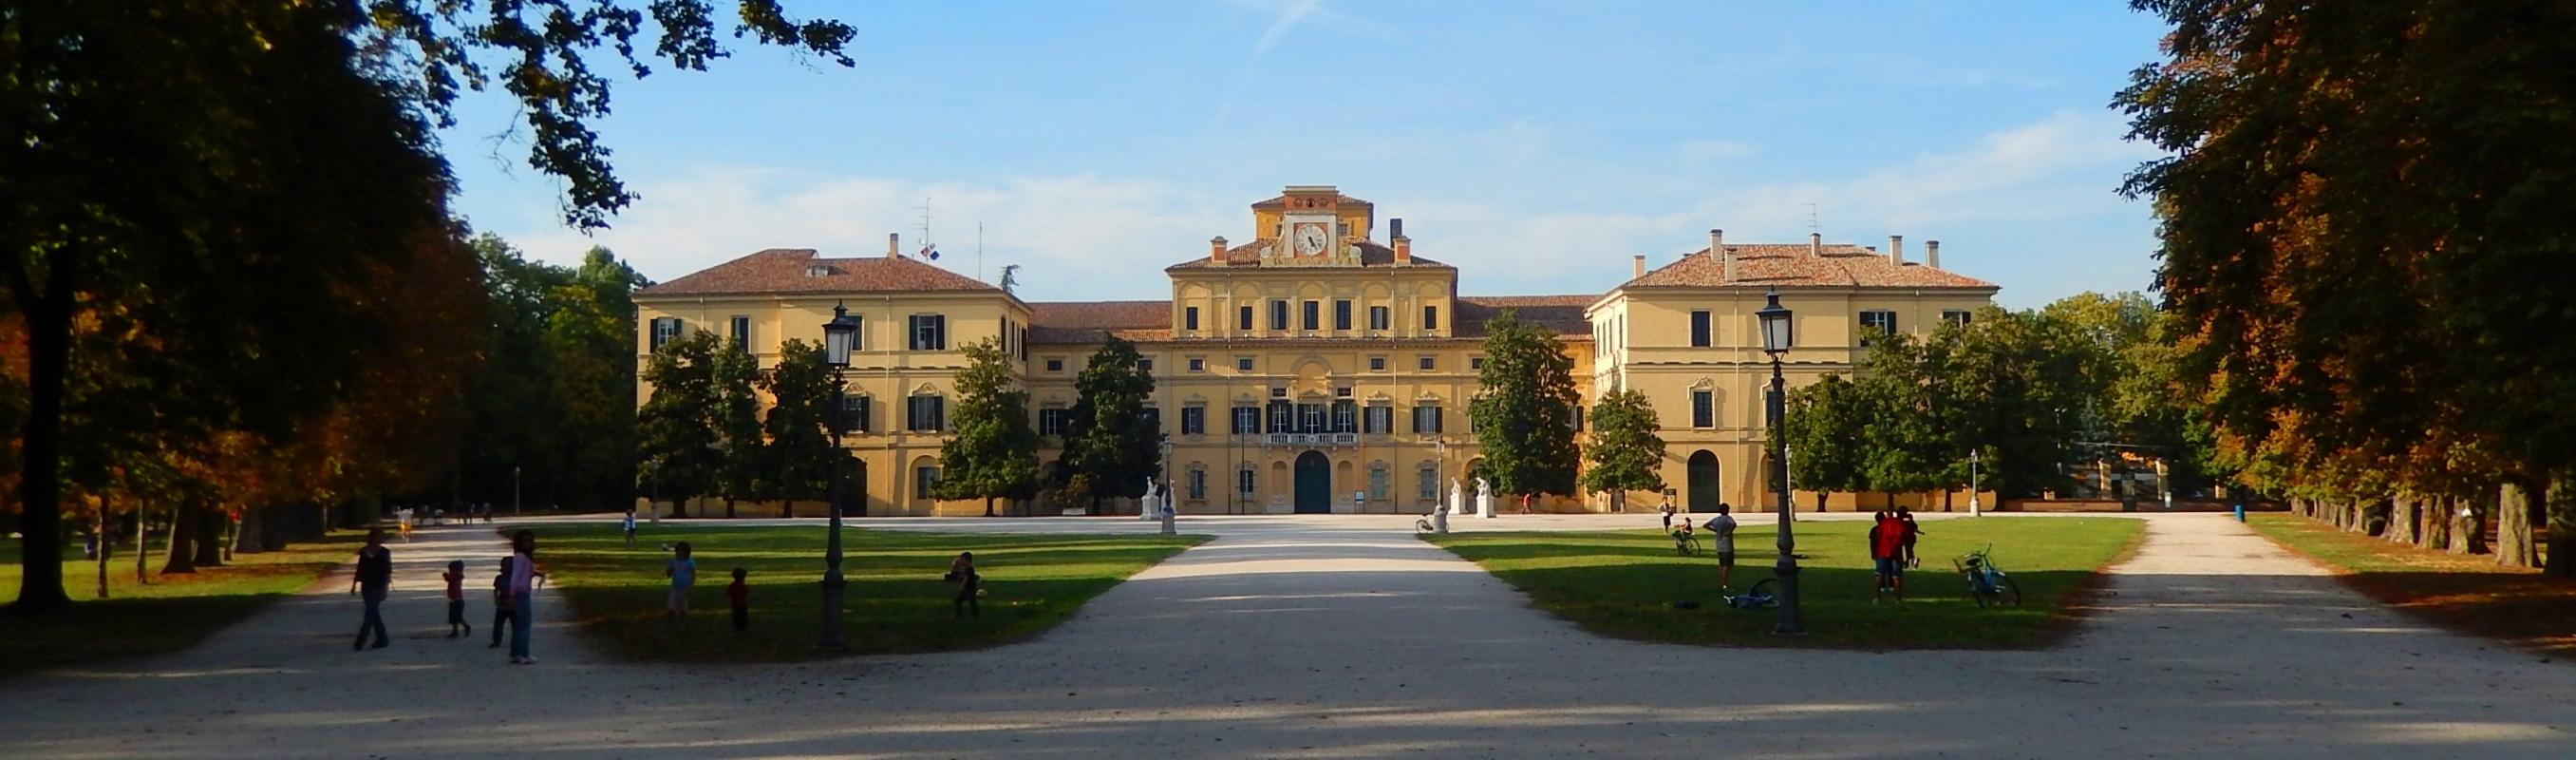 Palazzo Ducale in settembre - Luca Fornasari - Parma (PR)